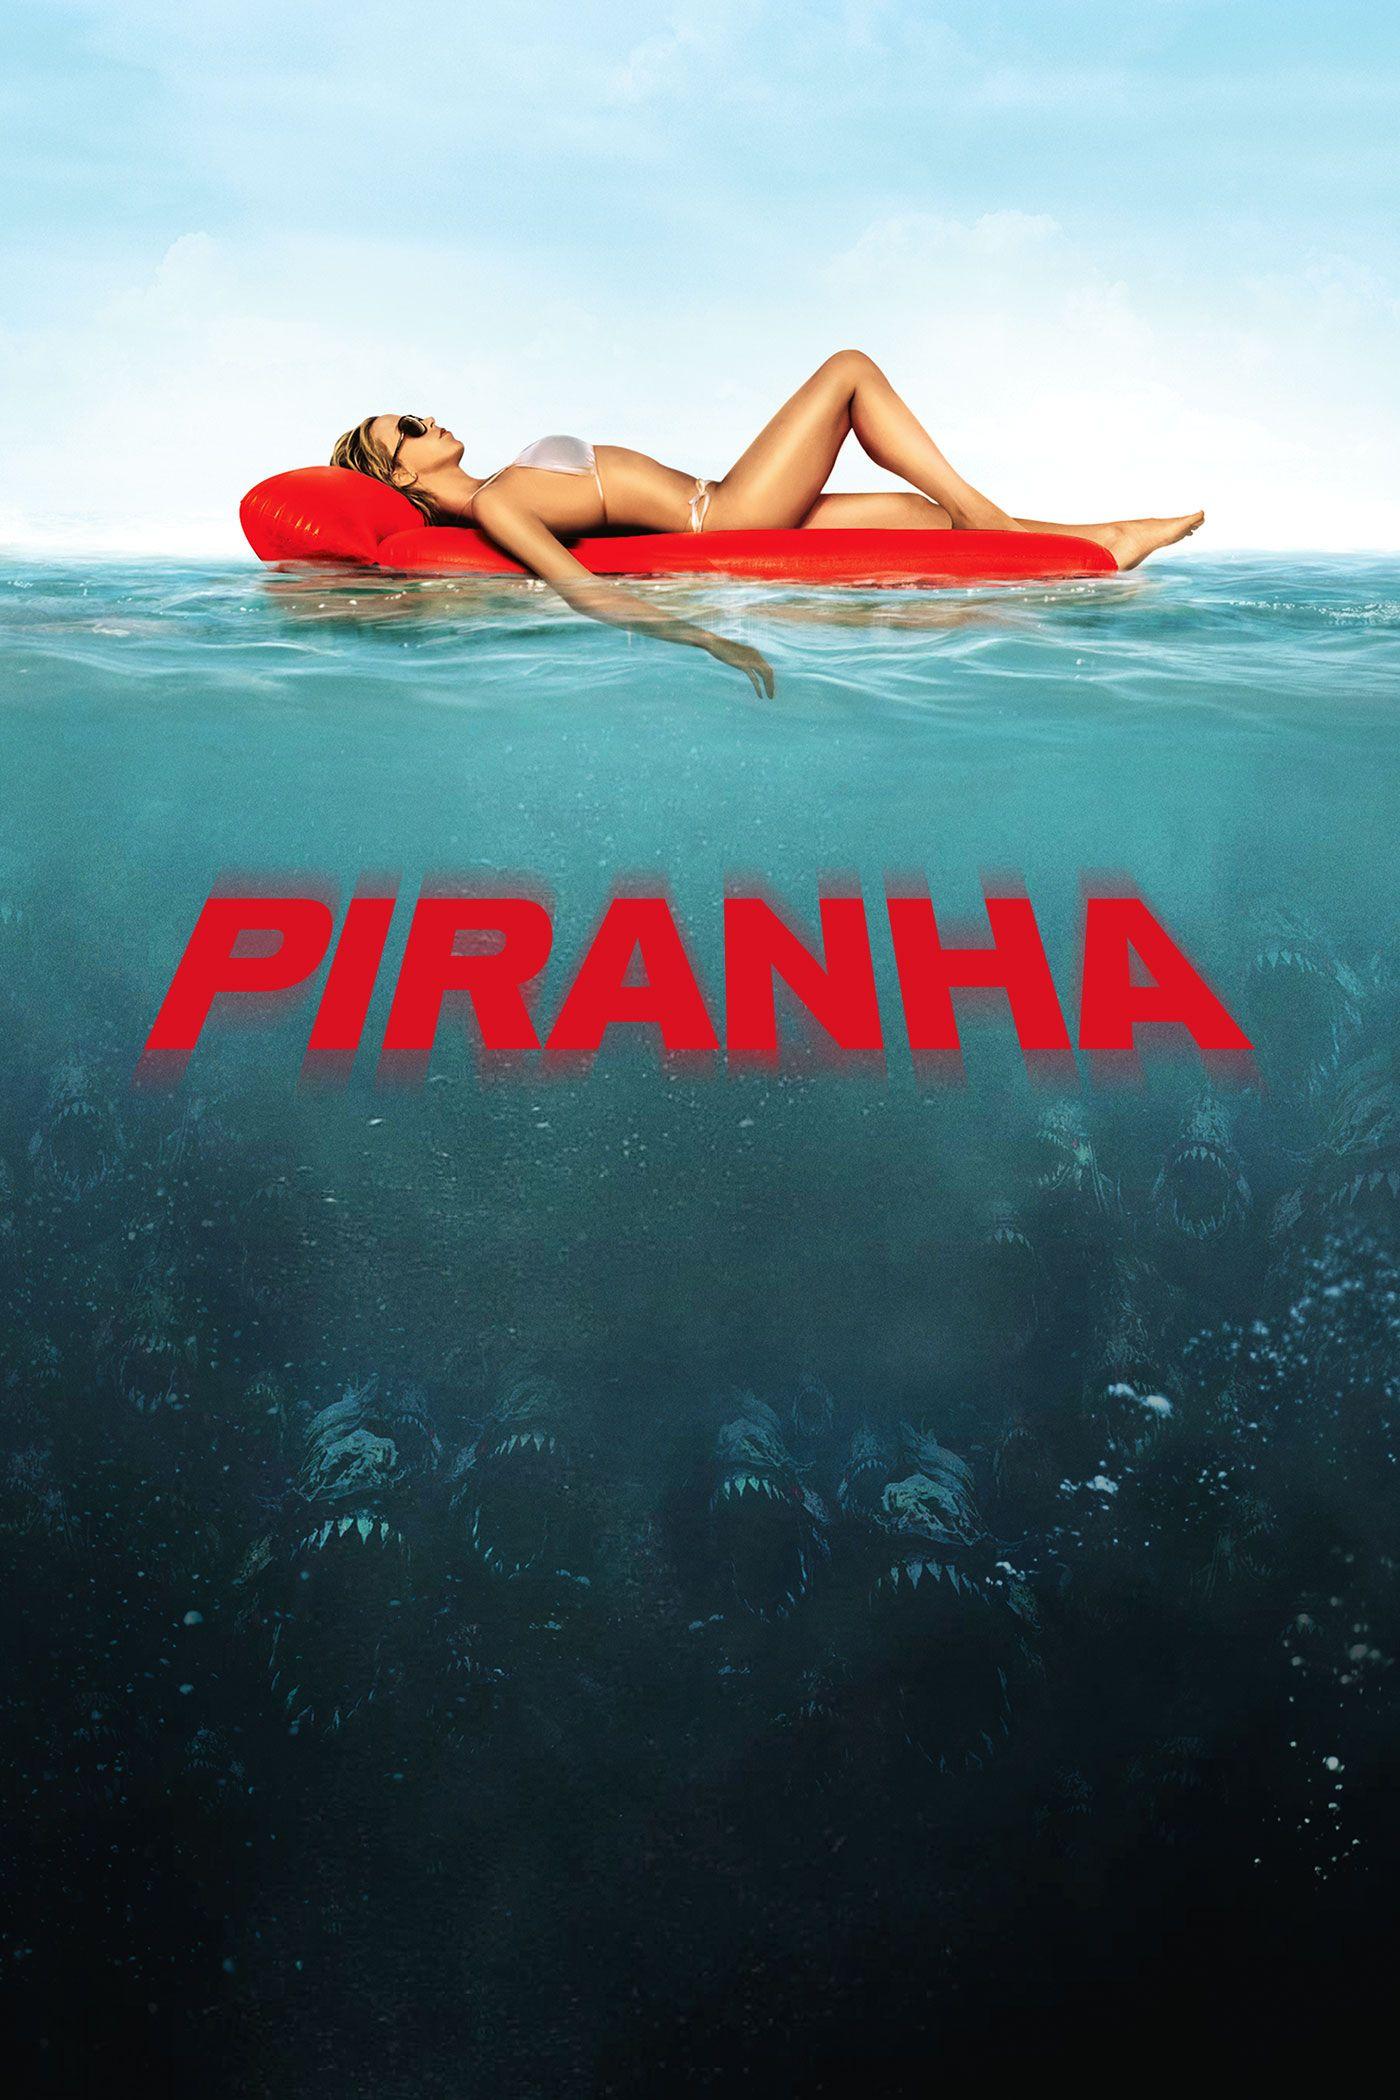 Piranha (2010) | Full Movie | Movies Anywhere